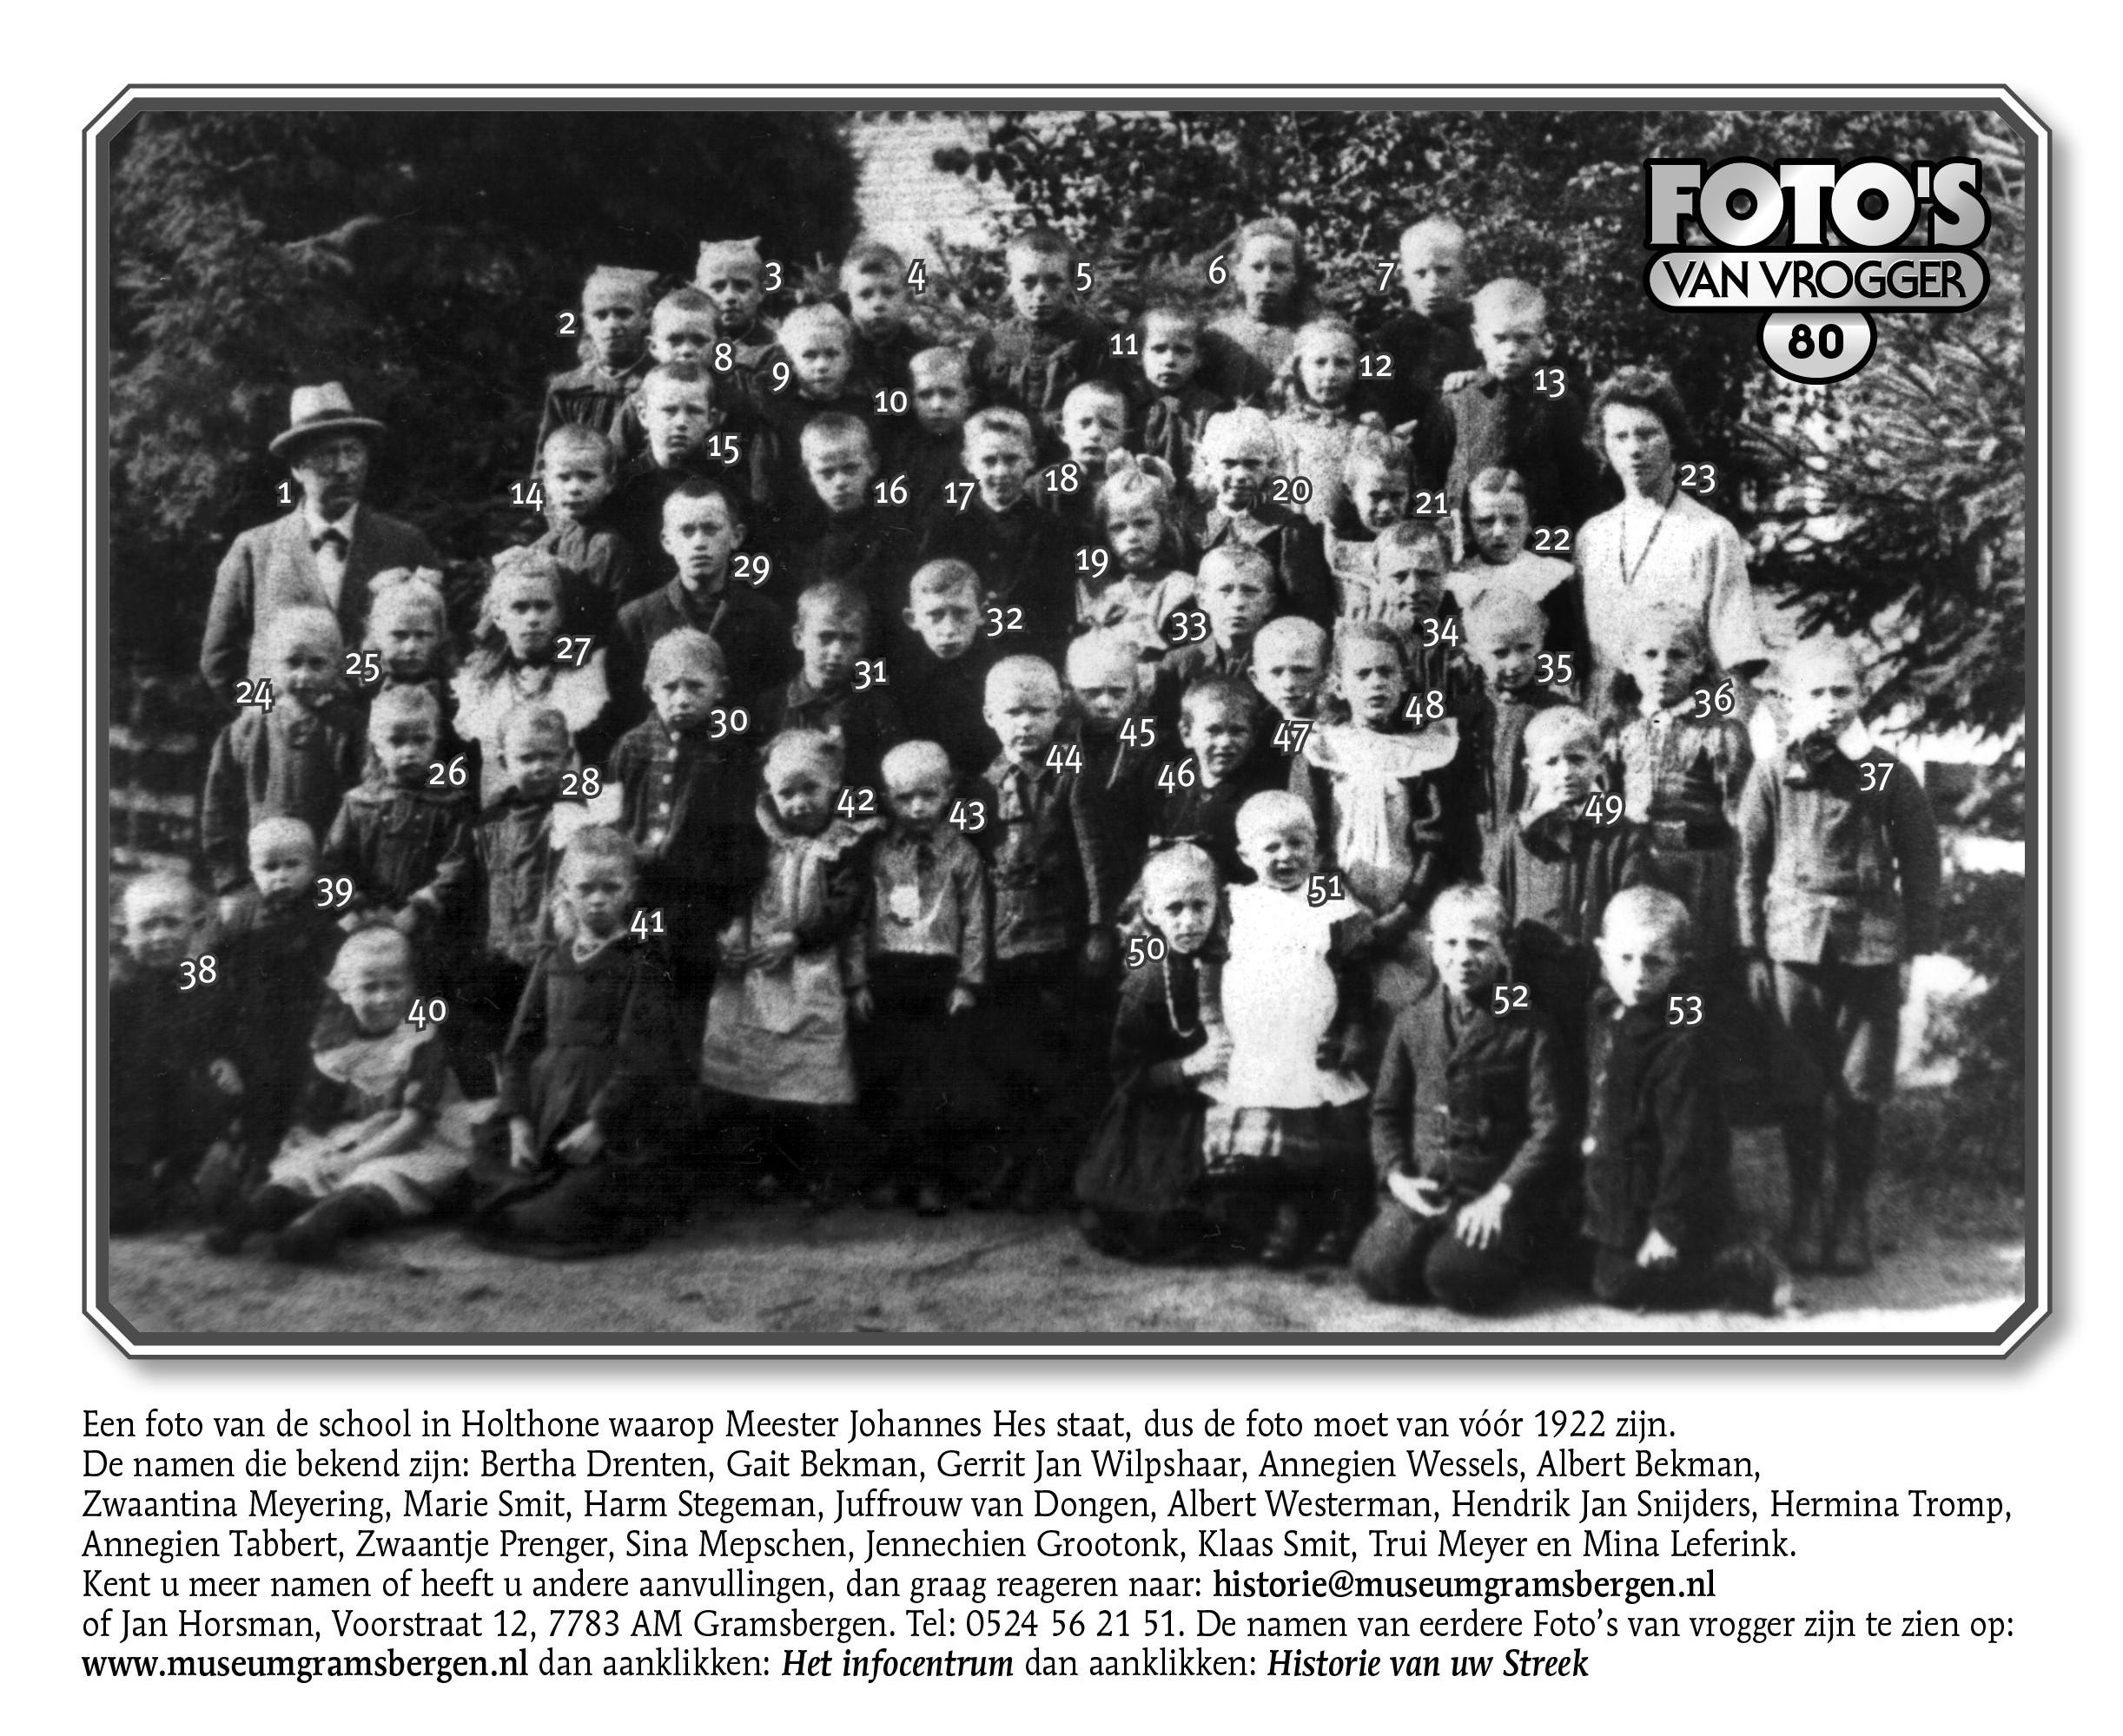 Foto van vrogger nr 80 (genummerd)